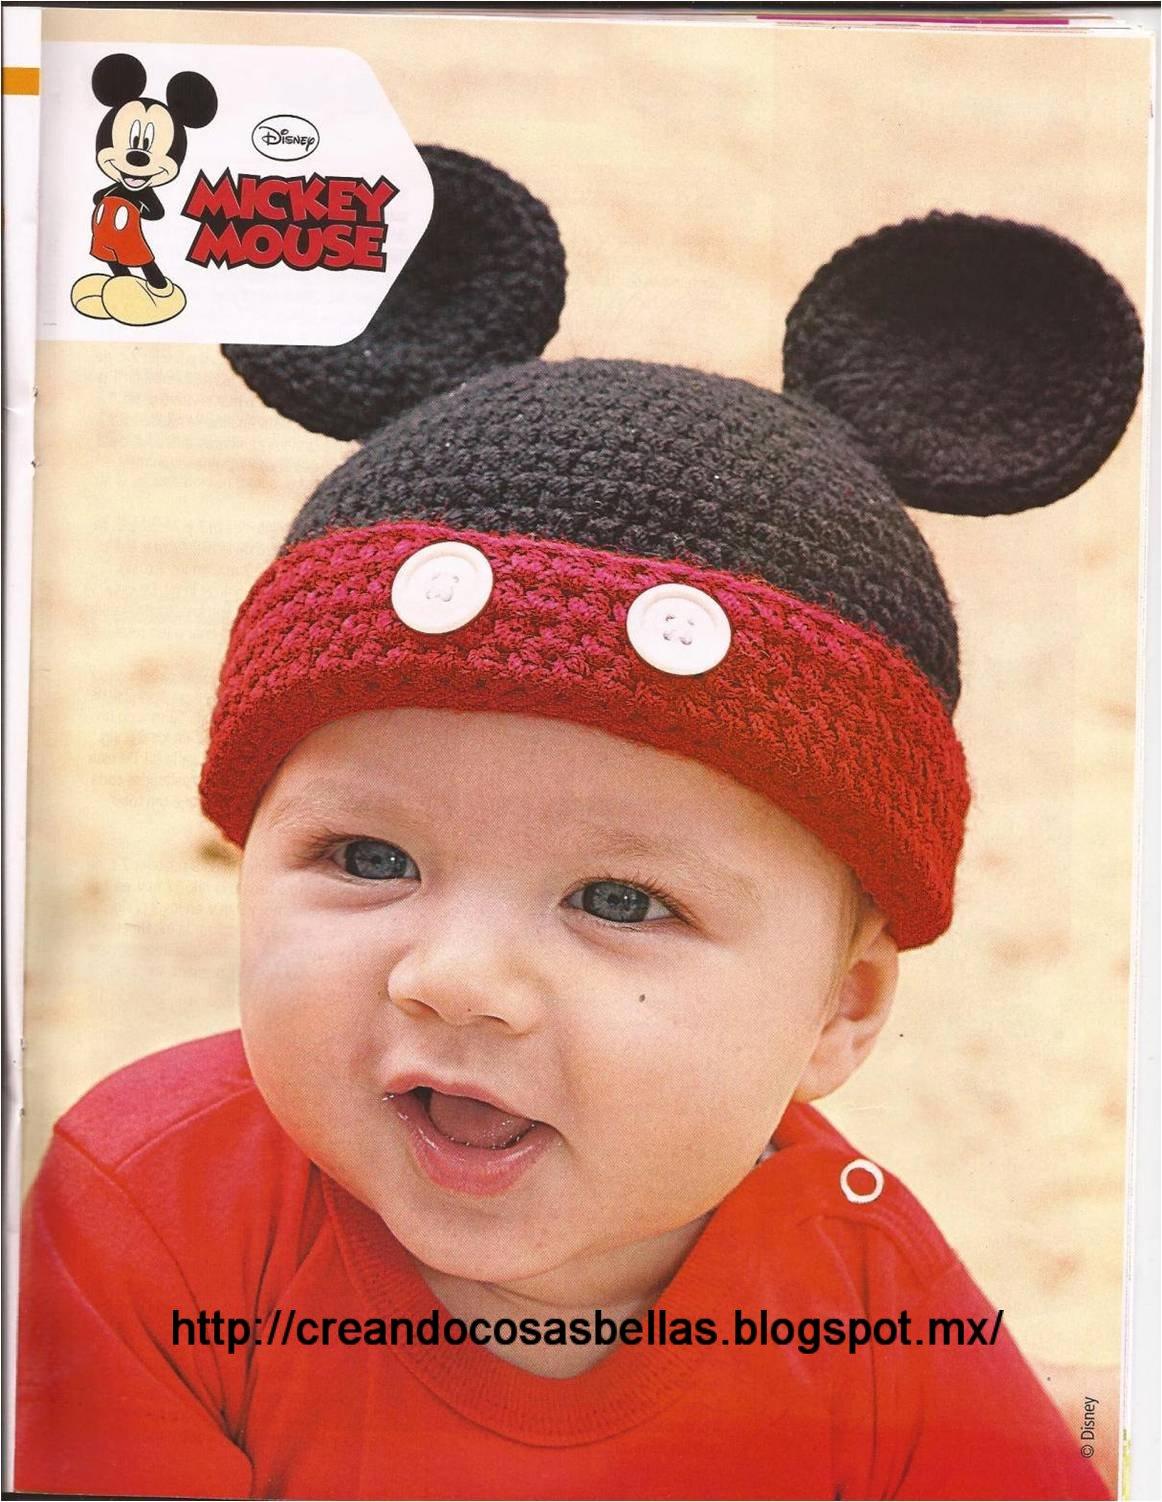 Creando cosas bellas: Gorro en crochet Mickey Mouse